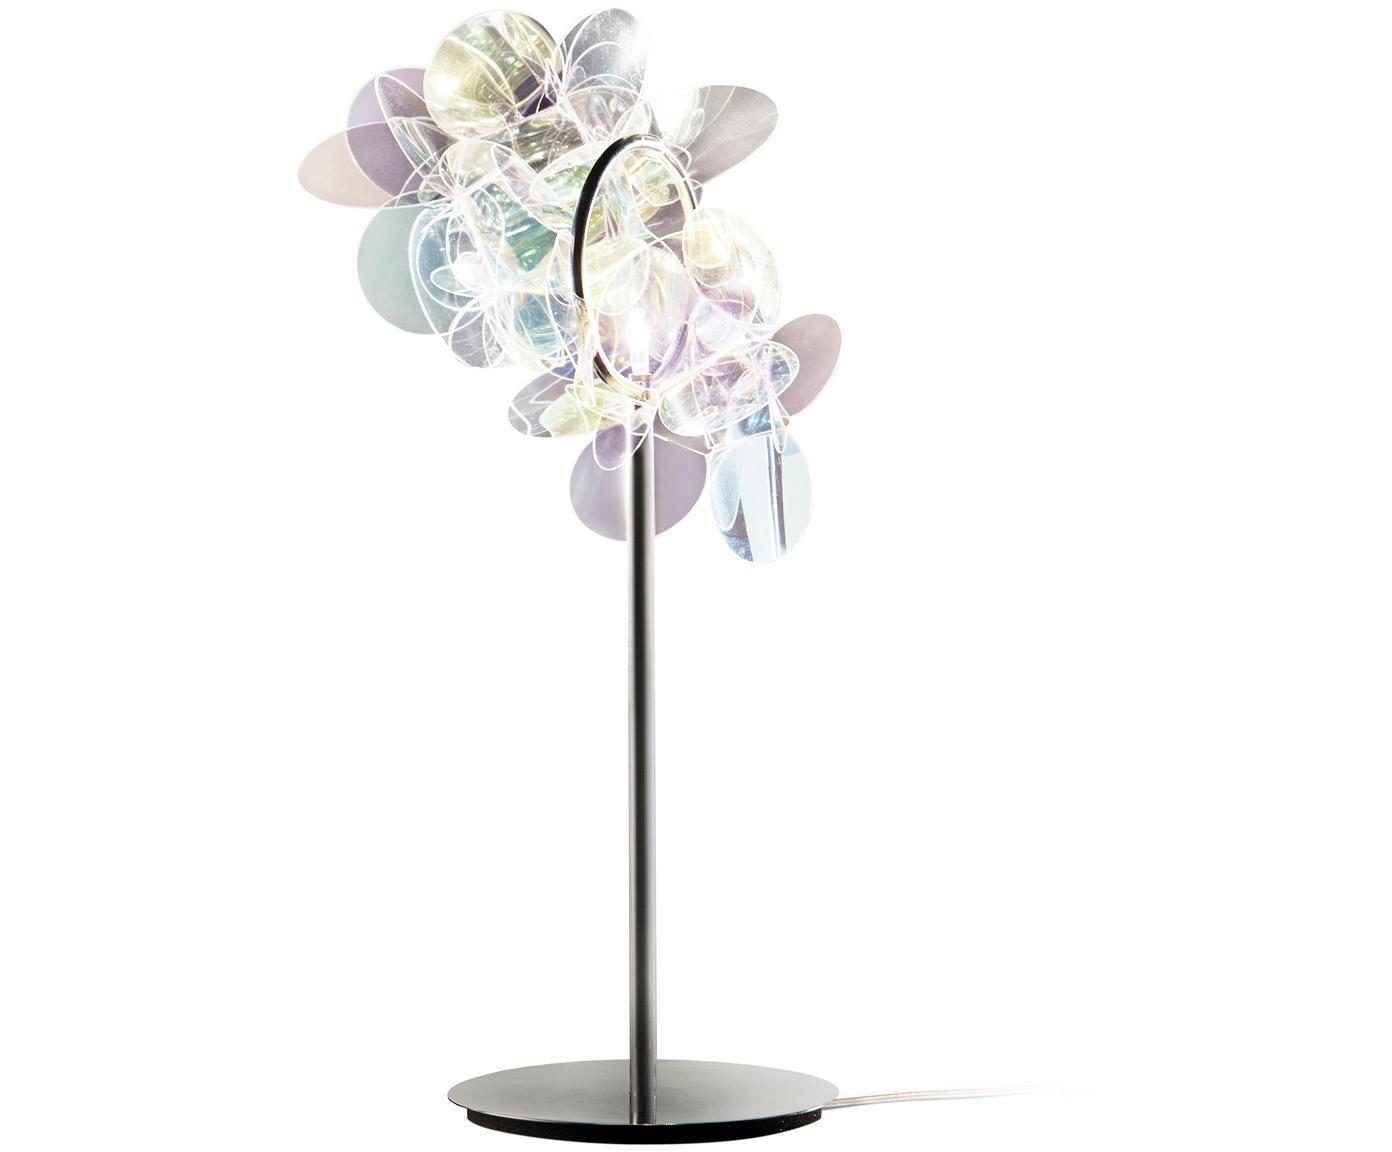 Design-Tischleuchte Mille Bolle, Lampenschirm: Technopolymer Cristalflex, Lampenfuß: rostfreier Stahl, Mehrfarbig, 22 x 41 cm